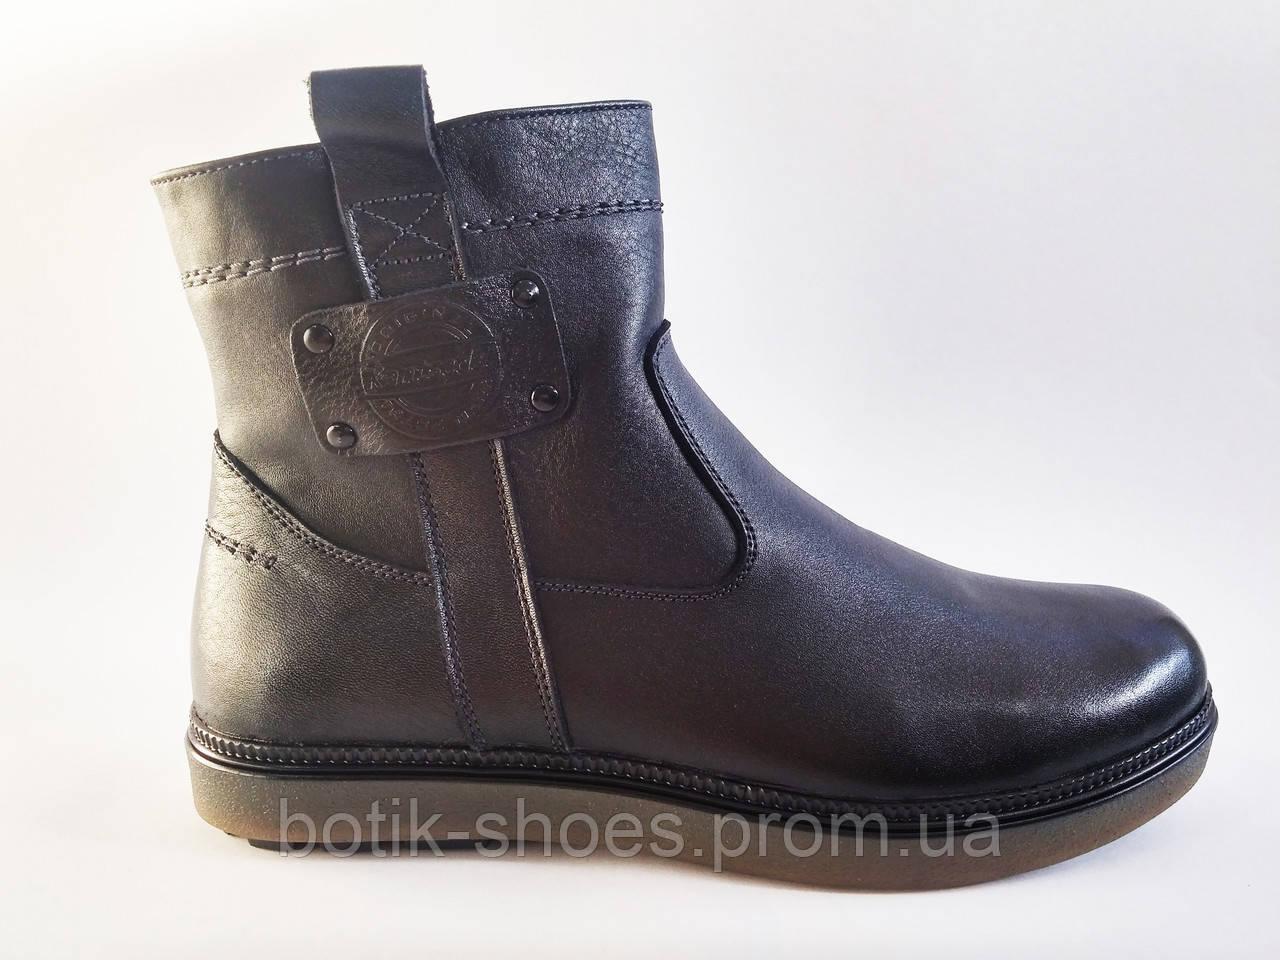 ce30647bc Кожаные мужские удобные черные зимние ботинки, сапоги Kantsedal -  интернет-магазин обуви